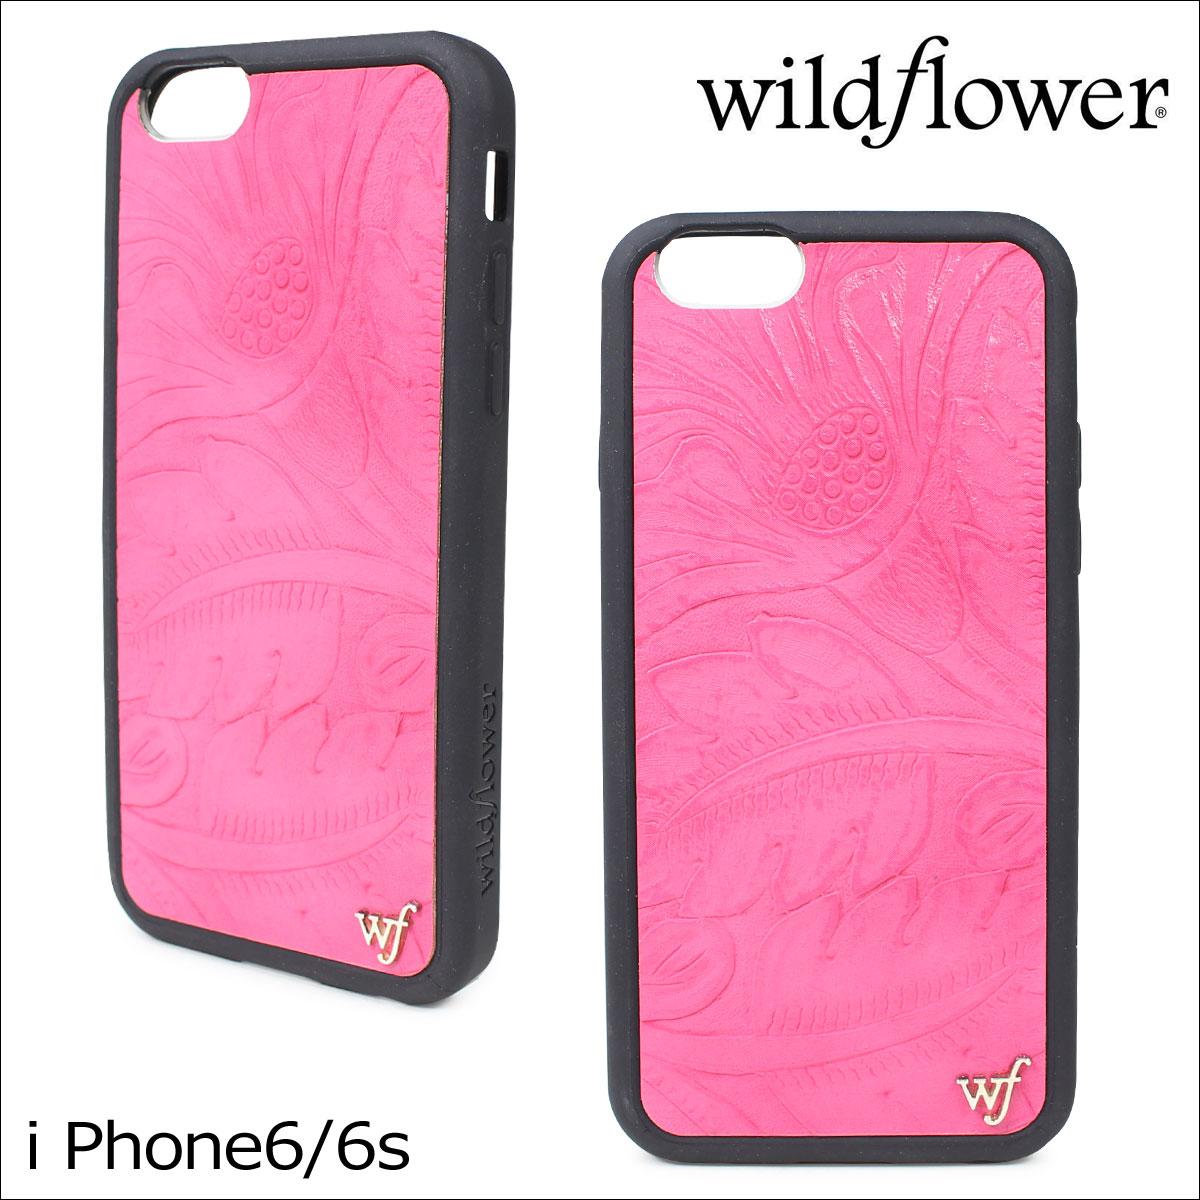 wildflower ワイルドフラワー iPhone8 SE 7 6 6s ケース スマホ 携帯 アイフォン レディース ピンク PLEA ネコポス可